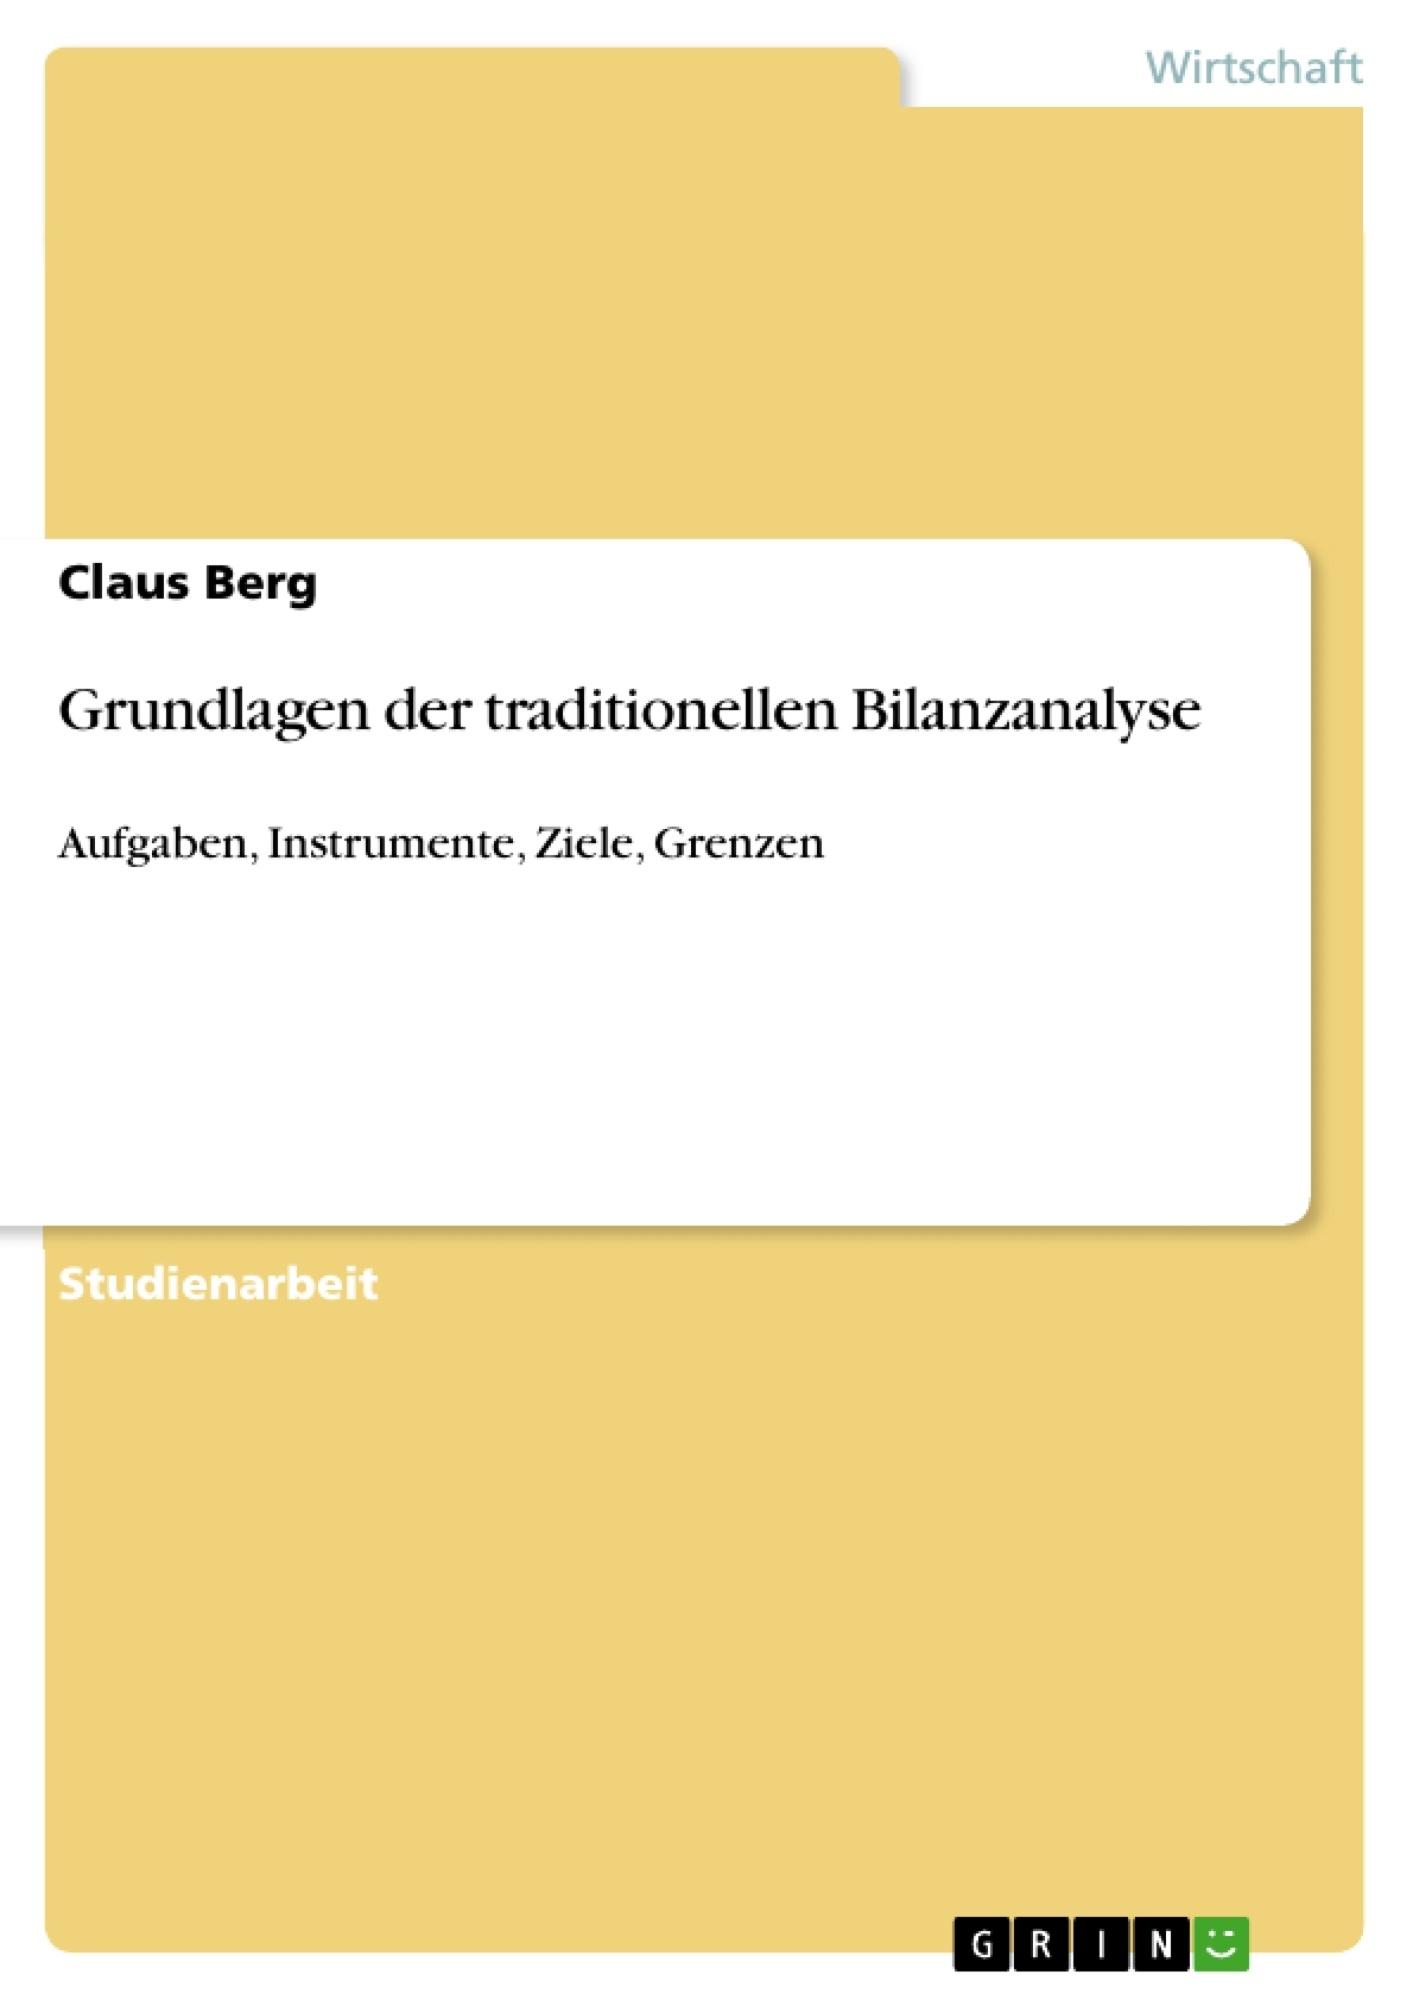 Titel: Grundlagen der traditionellen Bilanzanalyse